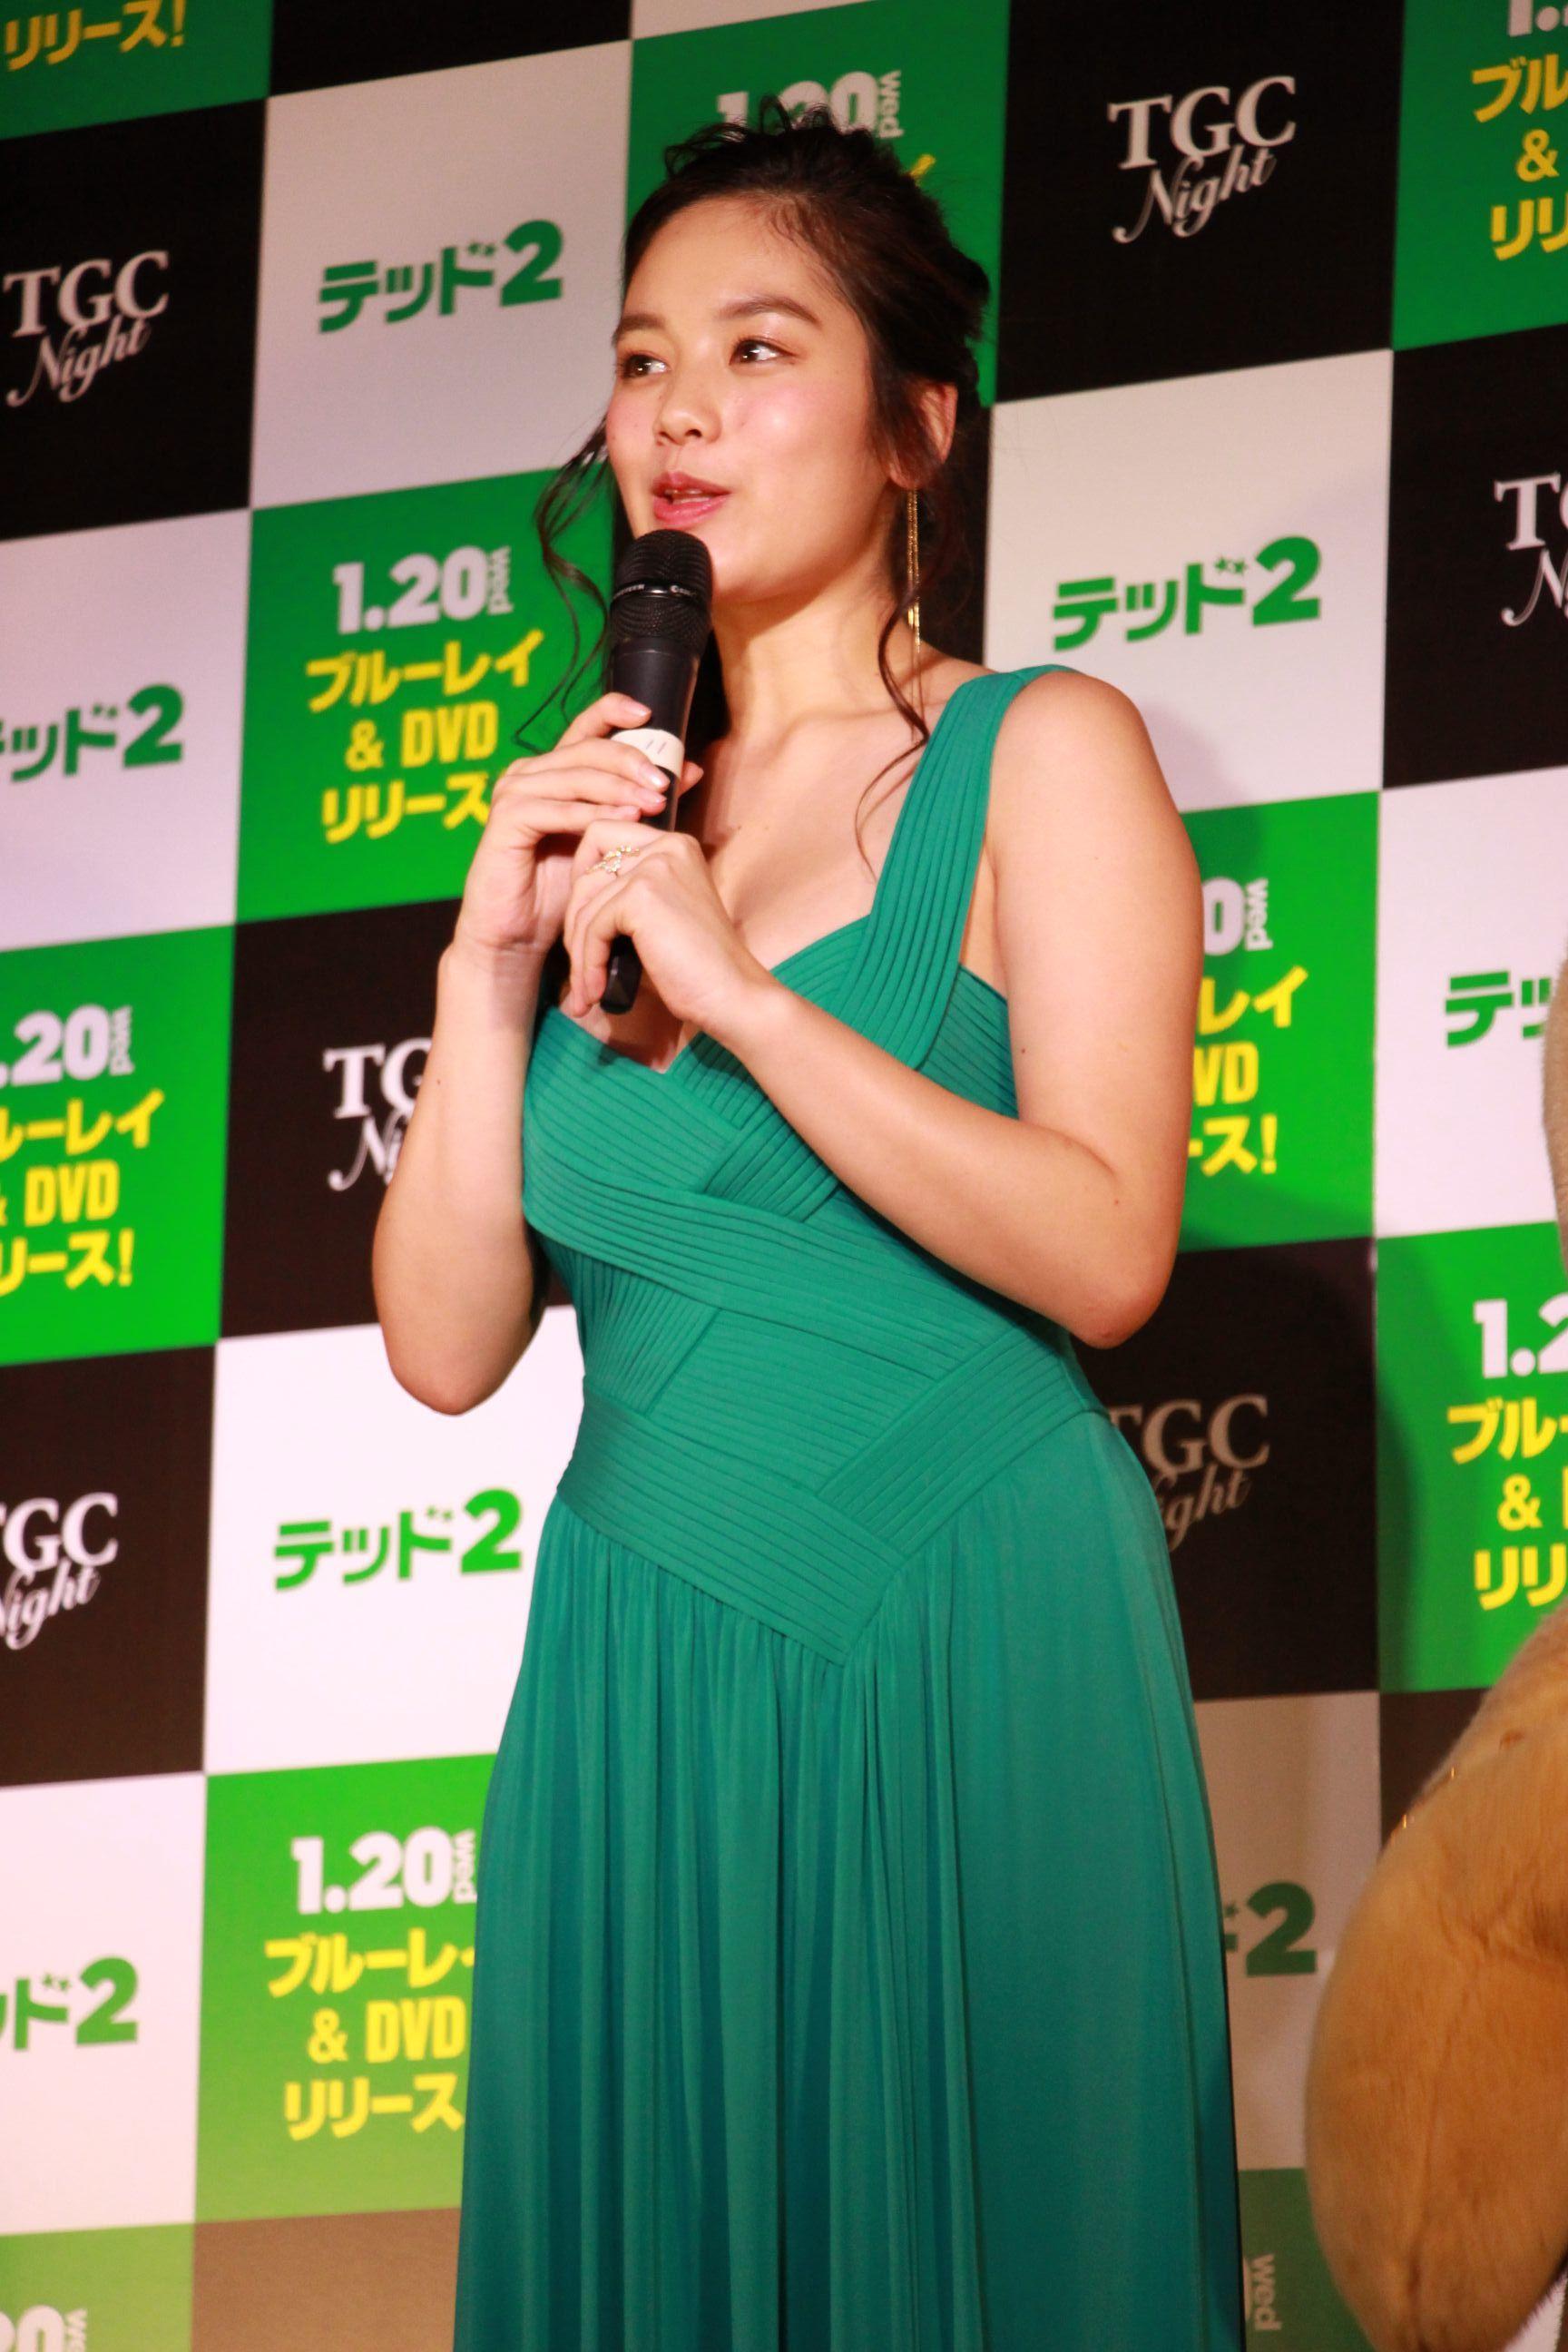 永野 (お笑い芸人)の画像 p1_34